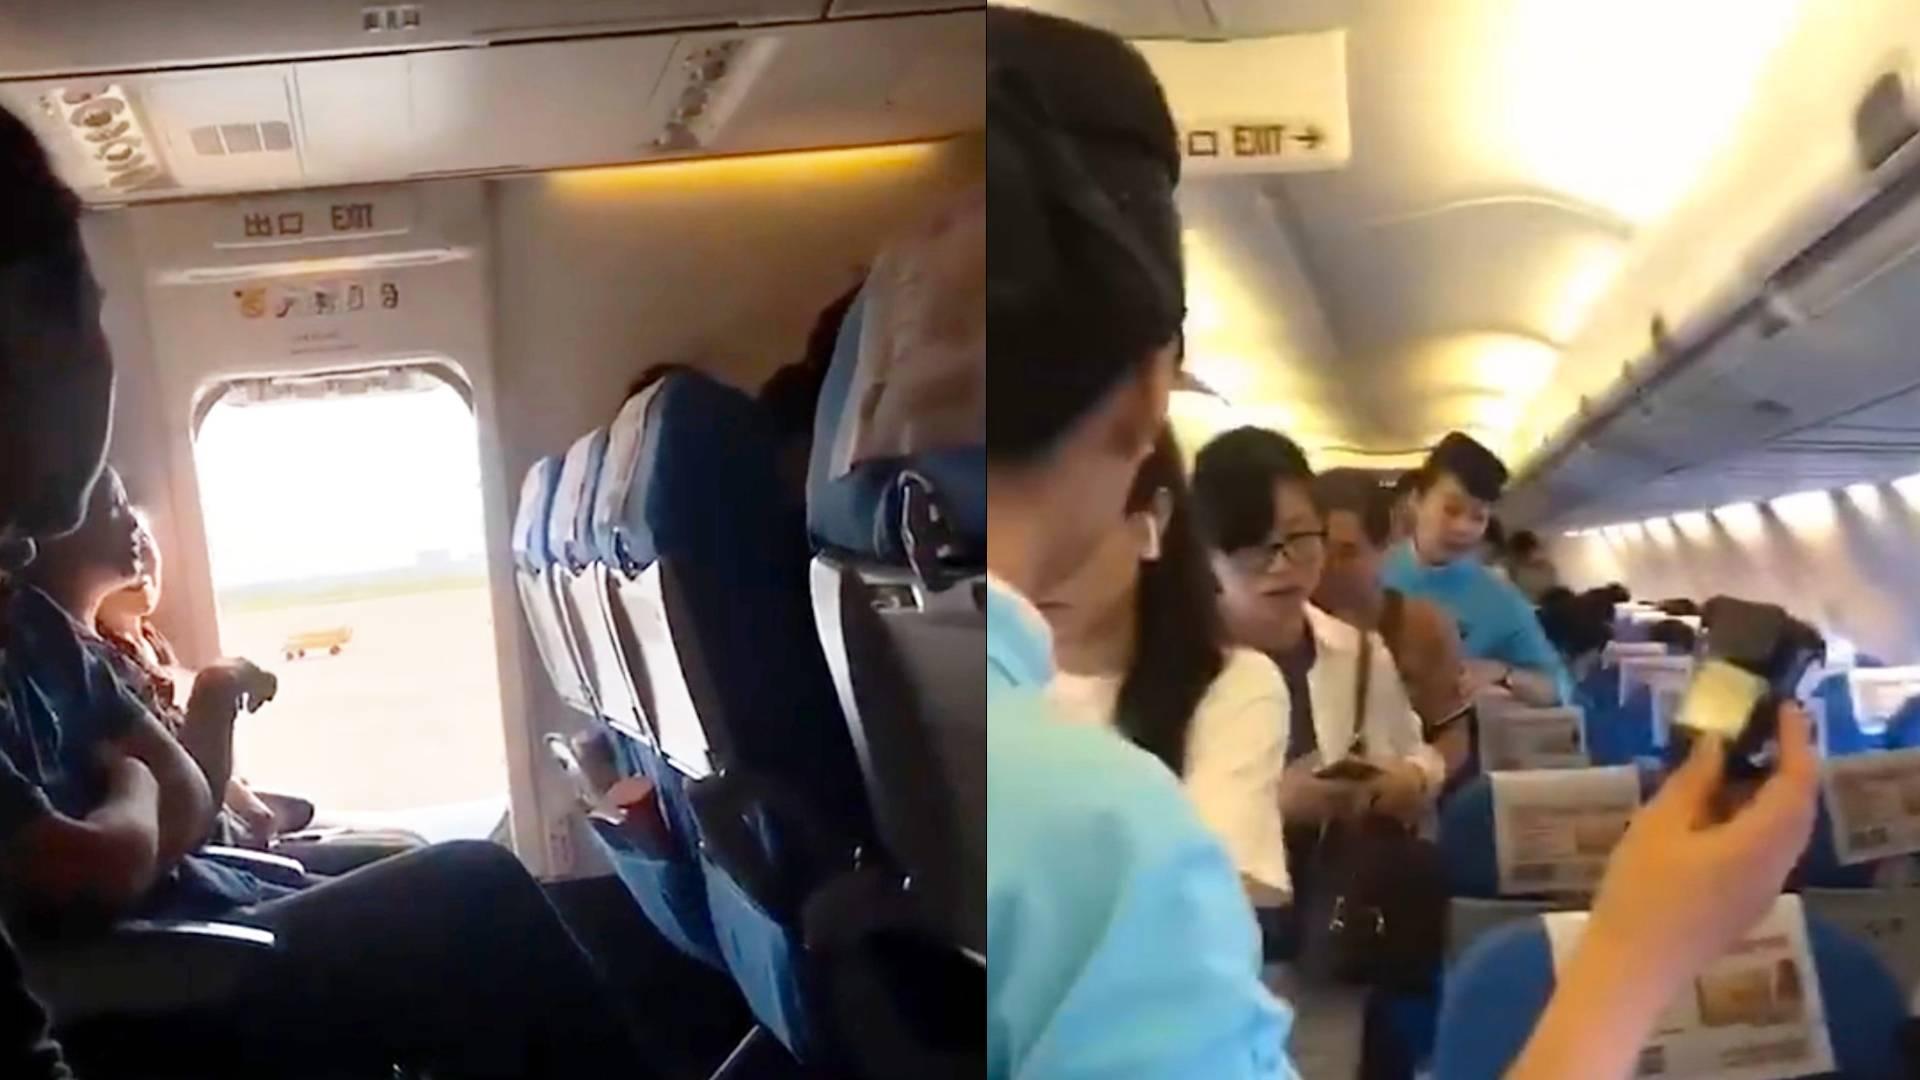 फ्लाइट में महिला को हुई घुटन, तो बीच आसमान में ही खोल दिया इमरजेंसी गेट, देखिए हैरान कर देने वाला वायरल वीडियो